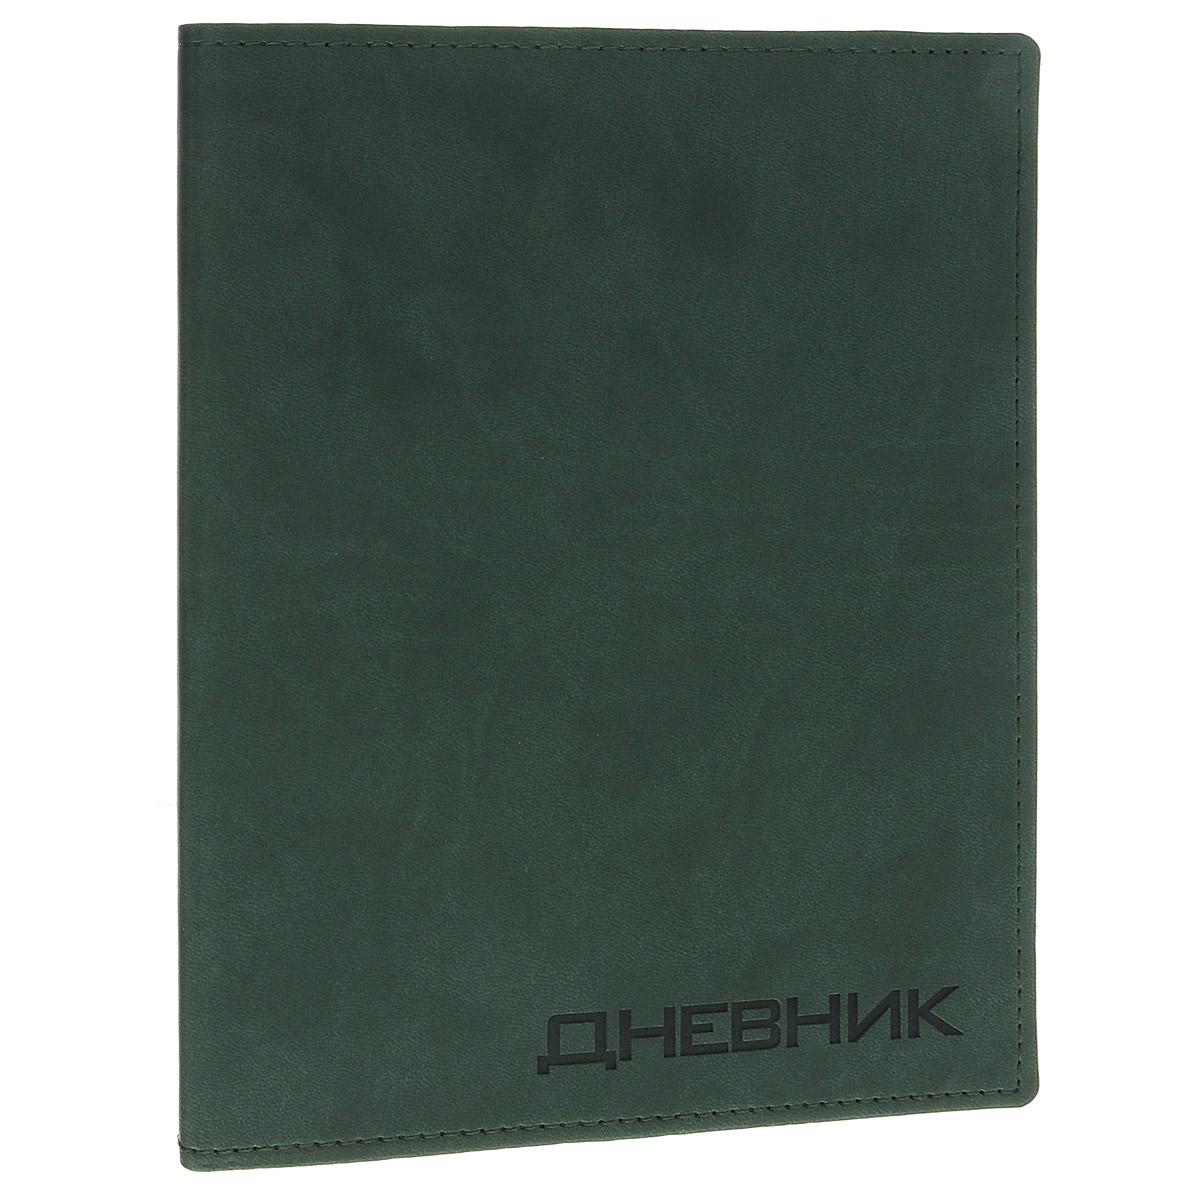 Дневник школьный Триумф Вивелла, цвет: зеленый1300-37Школьный дневник Триумф Вивелла - первый ежедневник вашего ребенка. Он поможет ему не забыть свои задания, а вы всегда сможете проконтролировать его успеваемость. Гибкая, высокопрочная интегральная обложка с закругленными углами прошита по периметру. Надпись нанесена путем вдавленного термотиснения и темнее основного цвета обложки, крепление сшитое. На разворотах под обложкой дневник дополнен политической и физической картой России. Внутренний блок выполнен из качественной бумаги кремового цвета с четкой линовкой темно-серого цвета. В структуру дневника входят все необходимые разделы: информация о школе и педагогах, расписание занятий и факультативов по четвертям. На последней странице для итоговых оценок незаполненные графы изучаемых предметов.